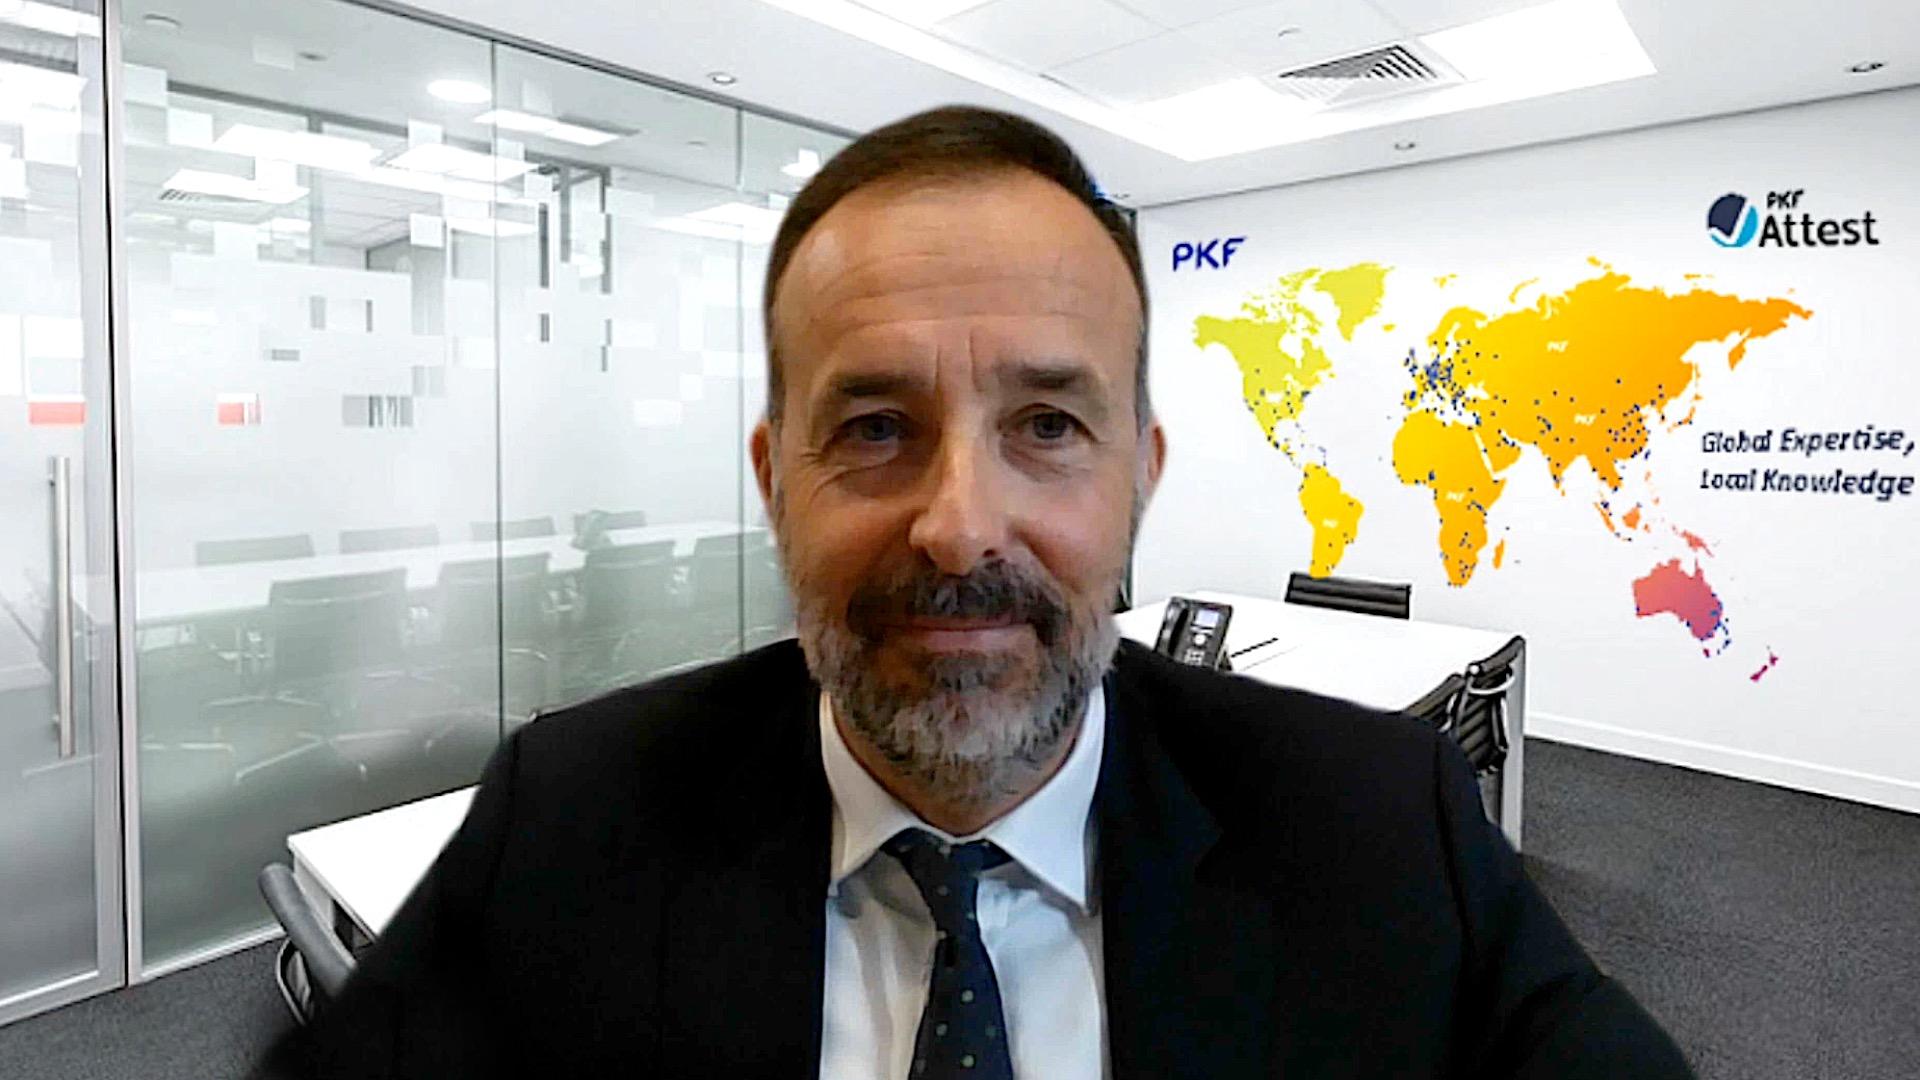 Mariano Aróstegui, Director Área Corporate Compliance en PFK Attest